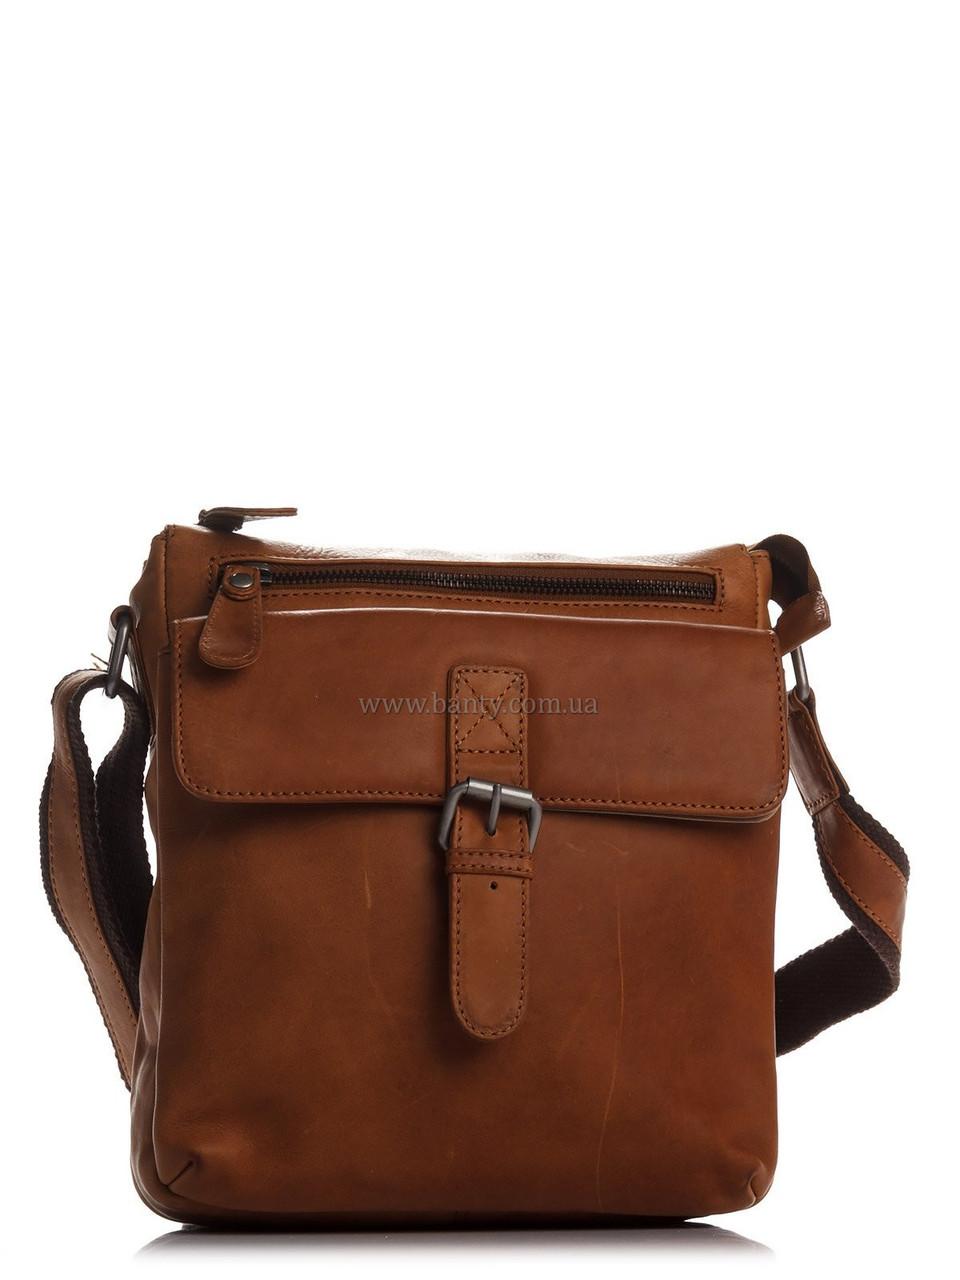 198c37932f8a Кожаная сумка HILL BURRY Мужская Сумка HILL BURRY 870547_brown Кожаная  Коричневый -